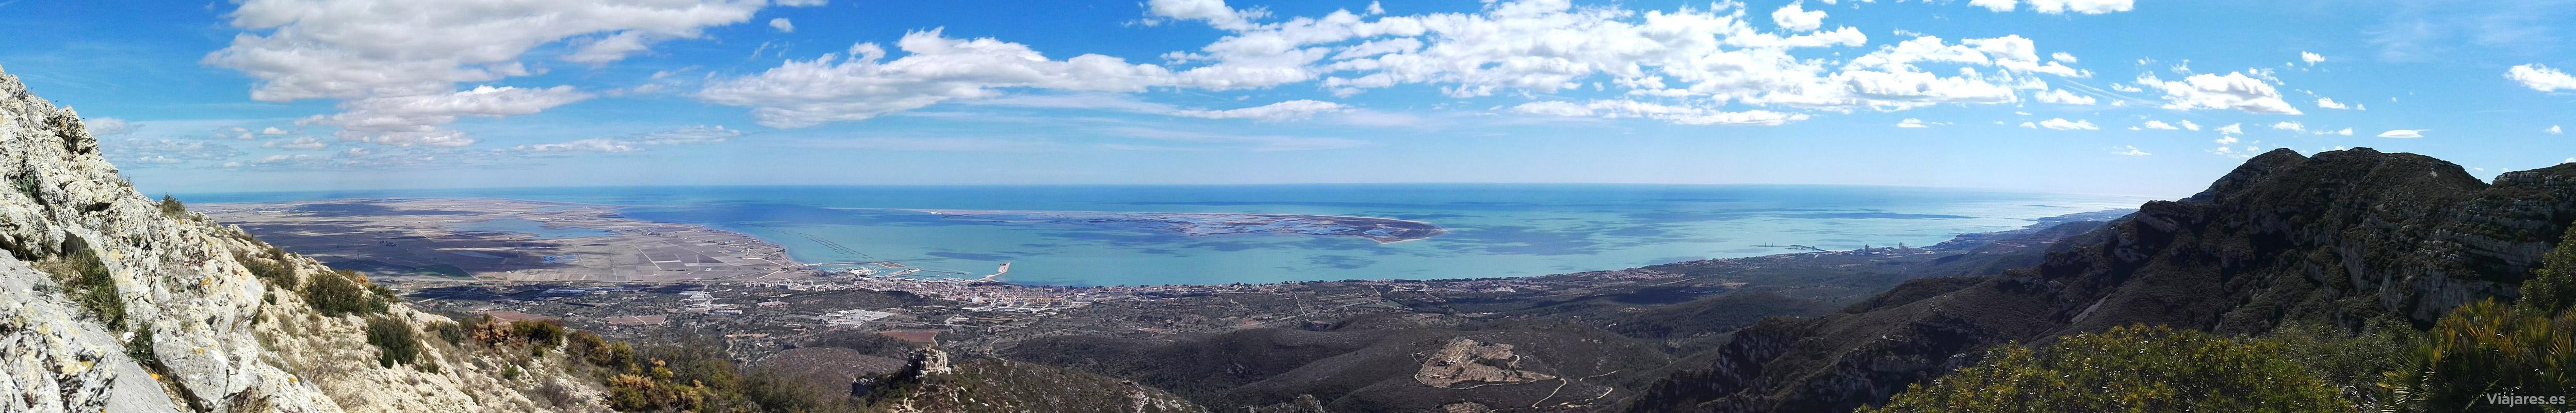 Vista panorámica desde La Foradada